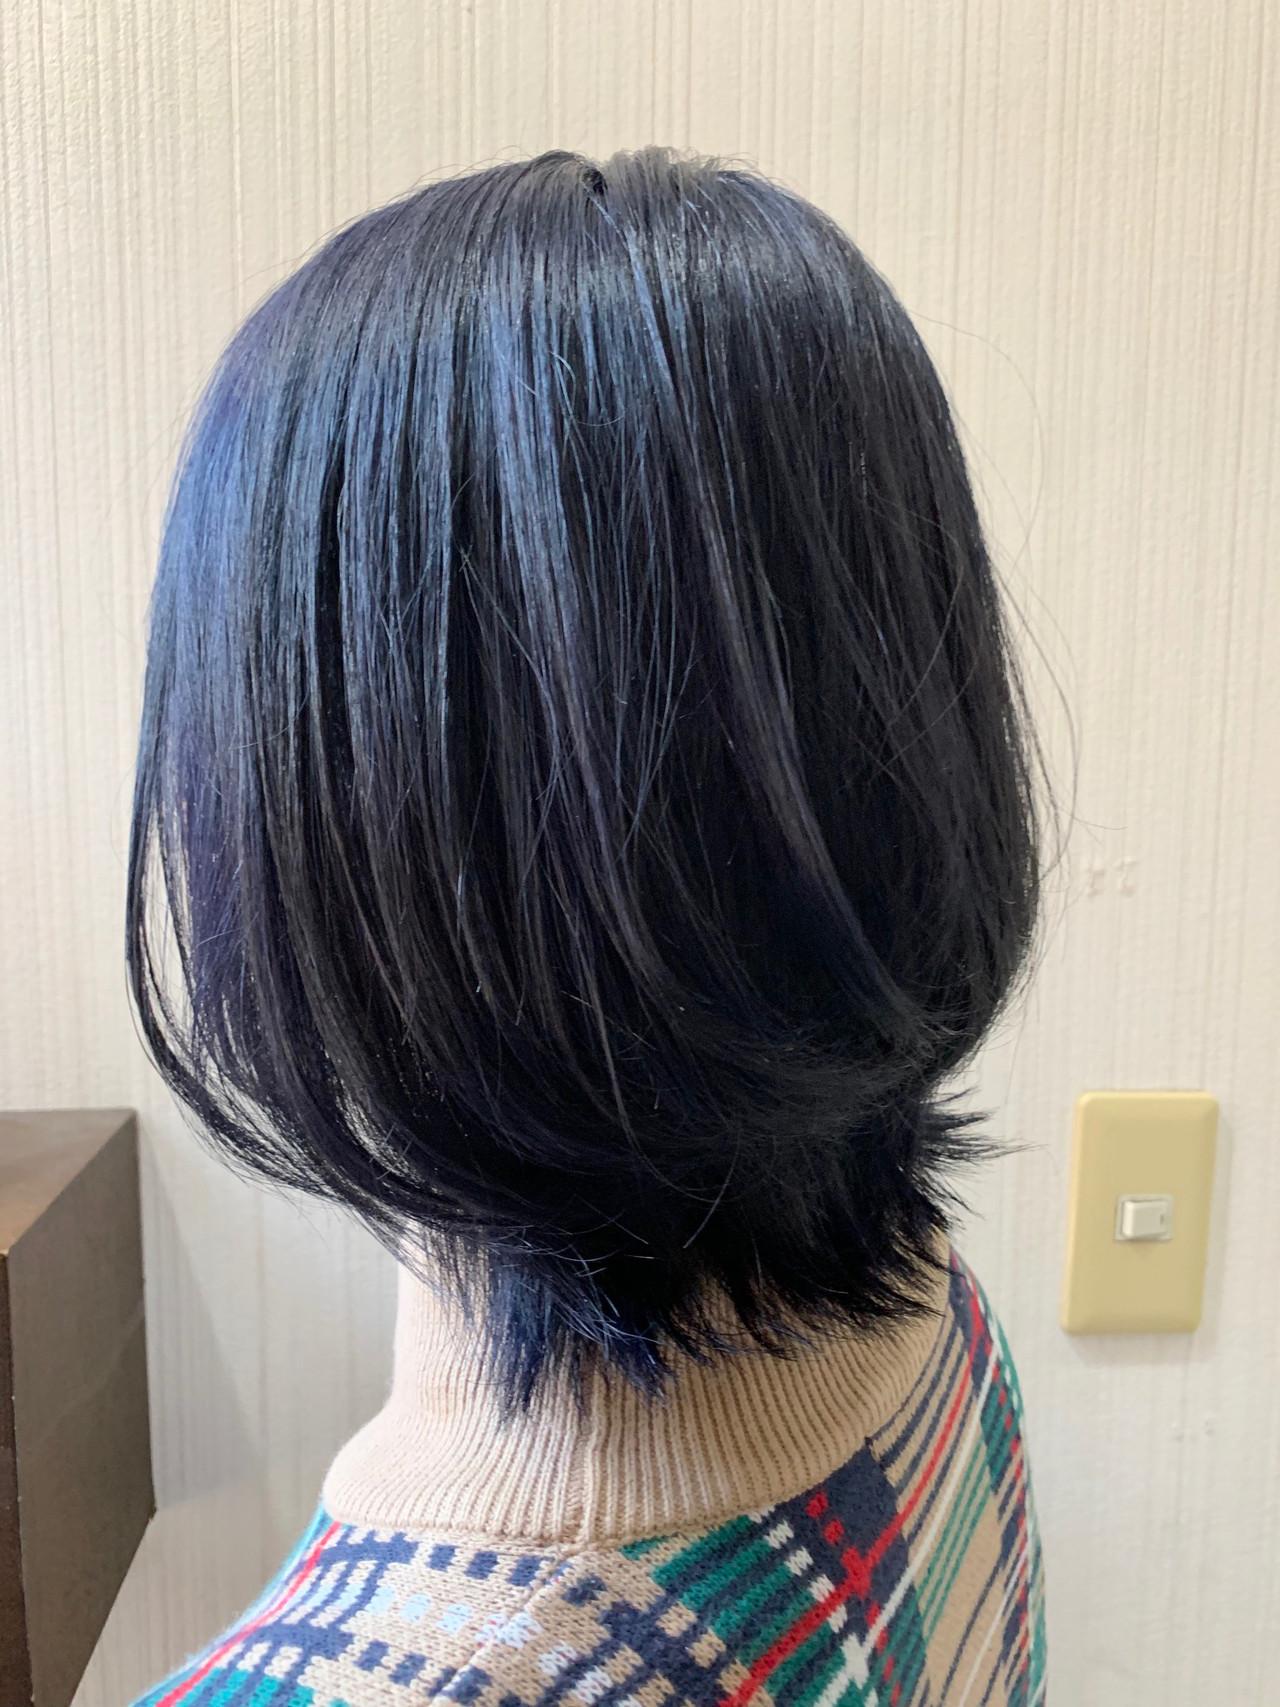 インナーカラー ナチュラル アッシュグレージュ ミニボブ ヘアスタイルや髪型の写真・画像